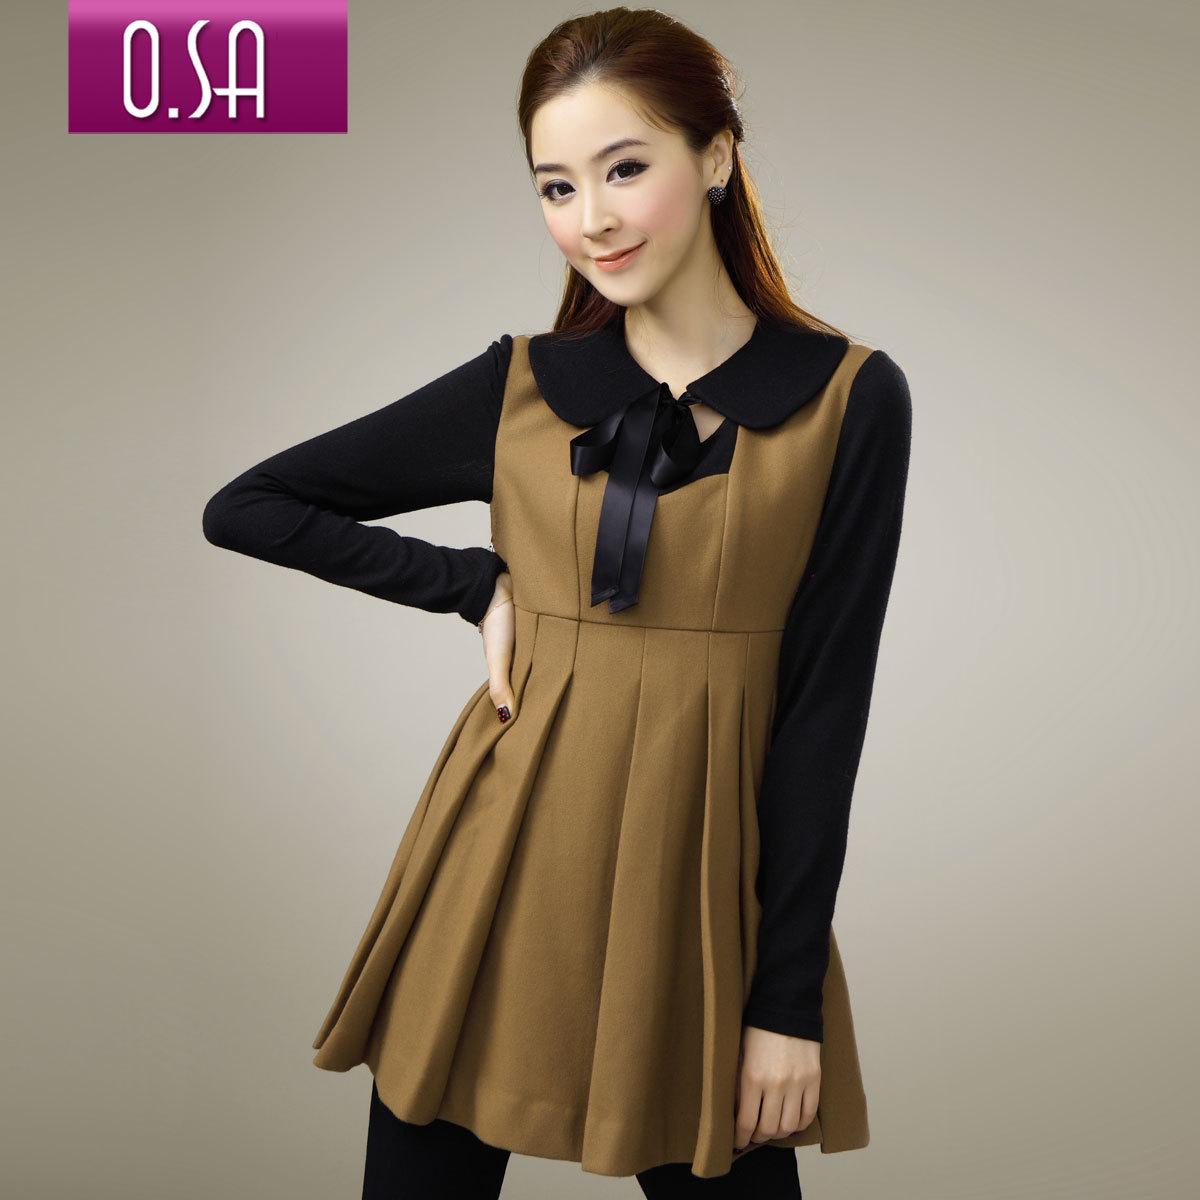 Женское платье OSA sl01008 2011 L01008